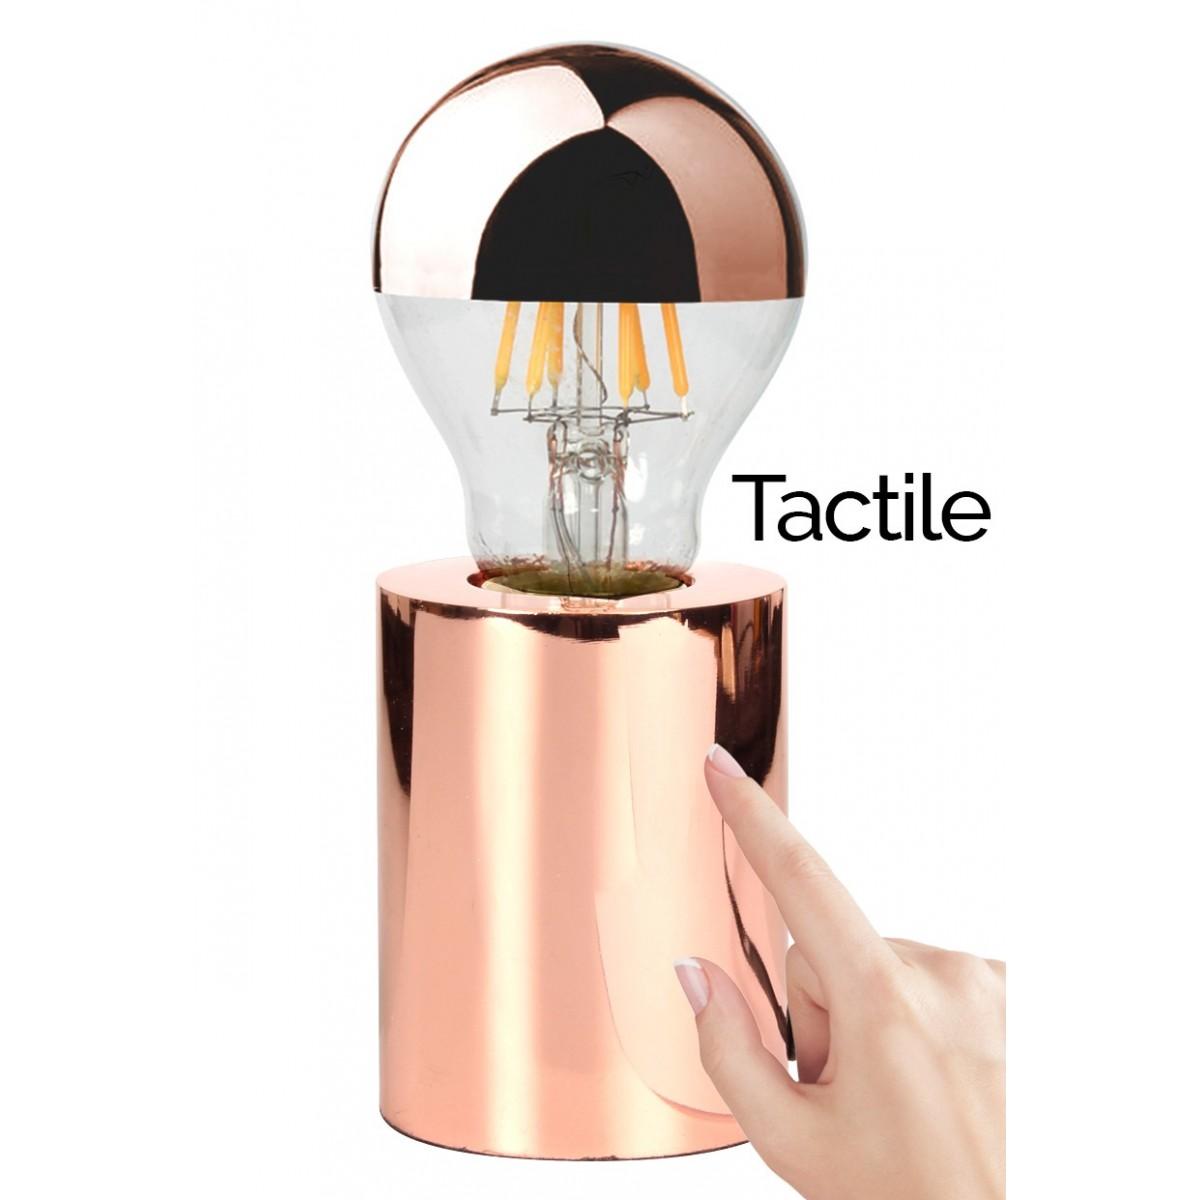 Lampe poser tactile touch cuivr e avec ampoule edison - Lampe a poser tactile ...